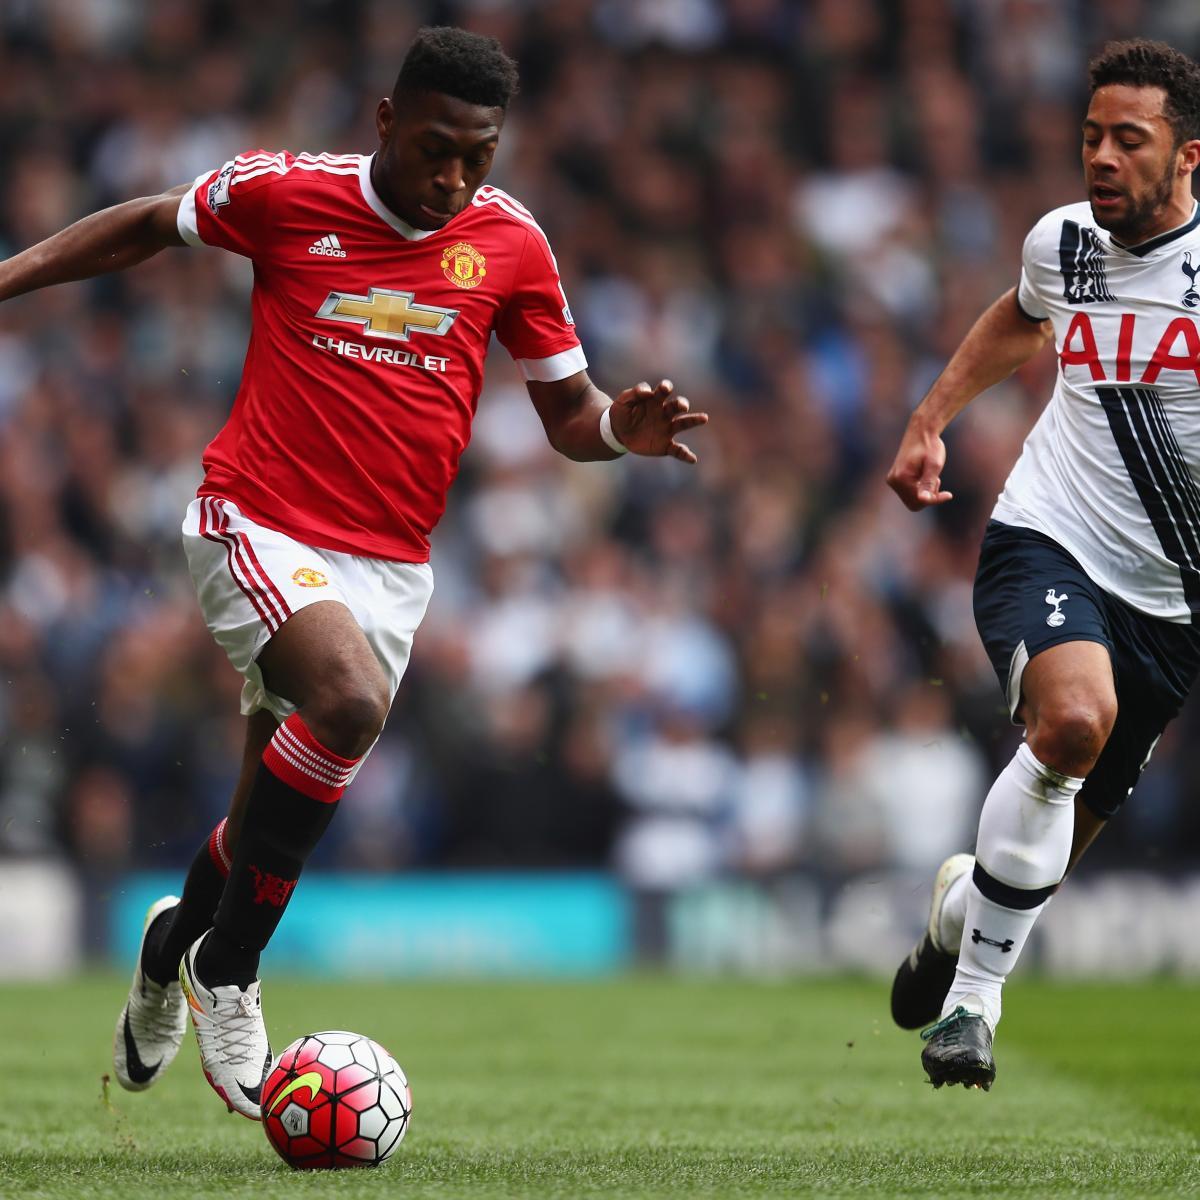 Tottenham Hotspur Vs Man United Tickets: Tottenham Hotspur Vs. Manchester United: Fosu-Mensah Sub